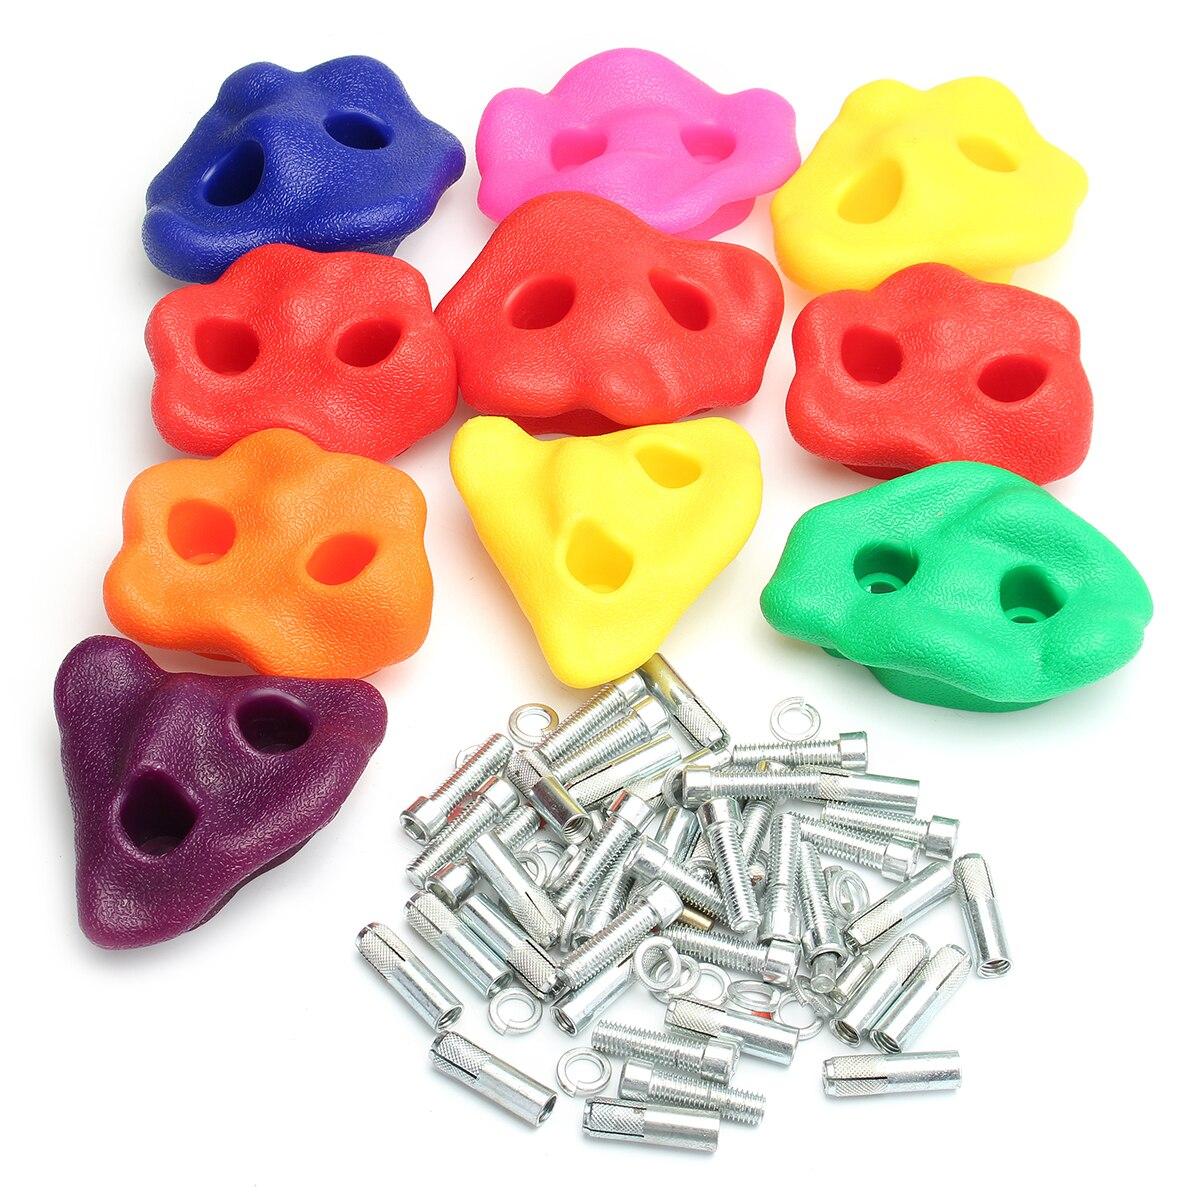 10 pièces enfants en plastique texturé escalade roches mur pierres assorties Kit aléatoire boulon escalade accessoires